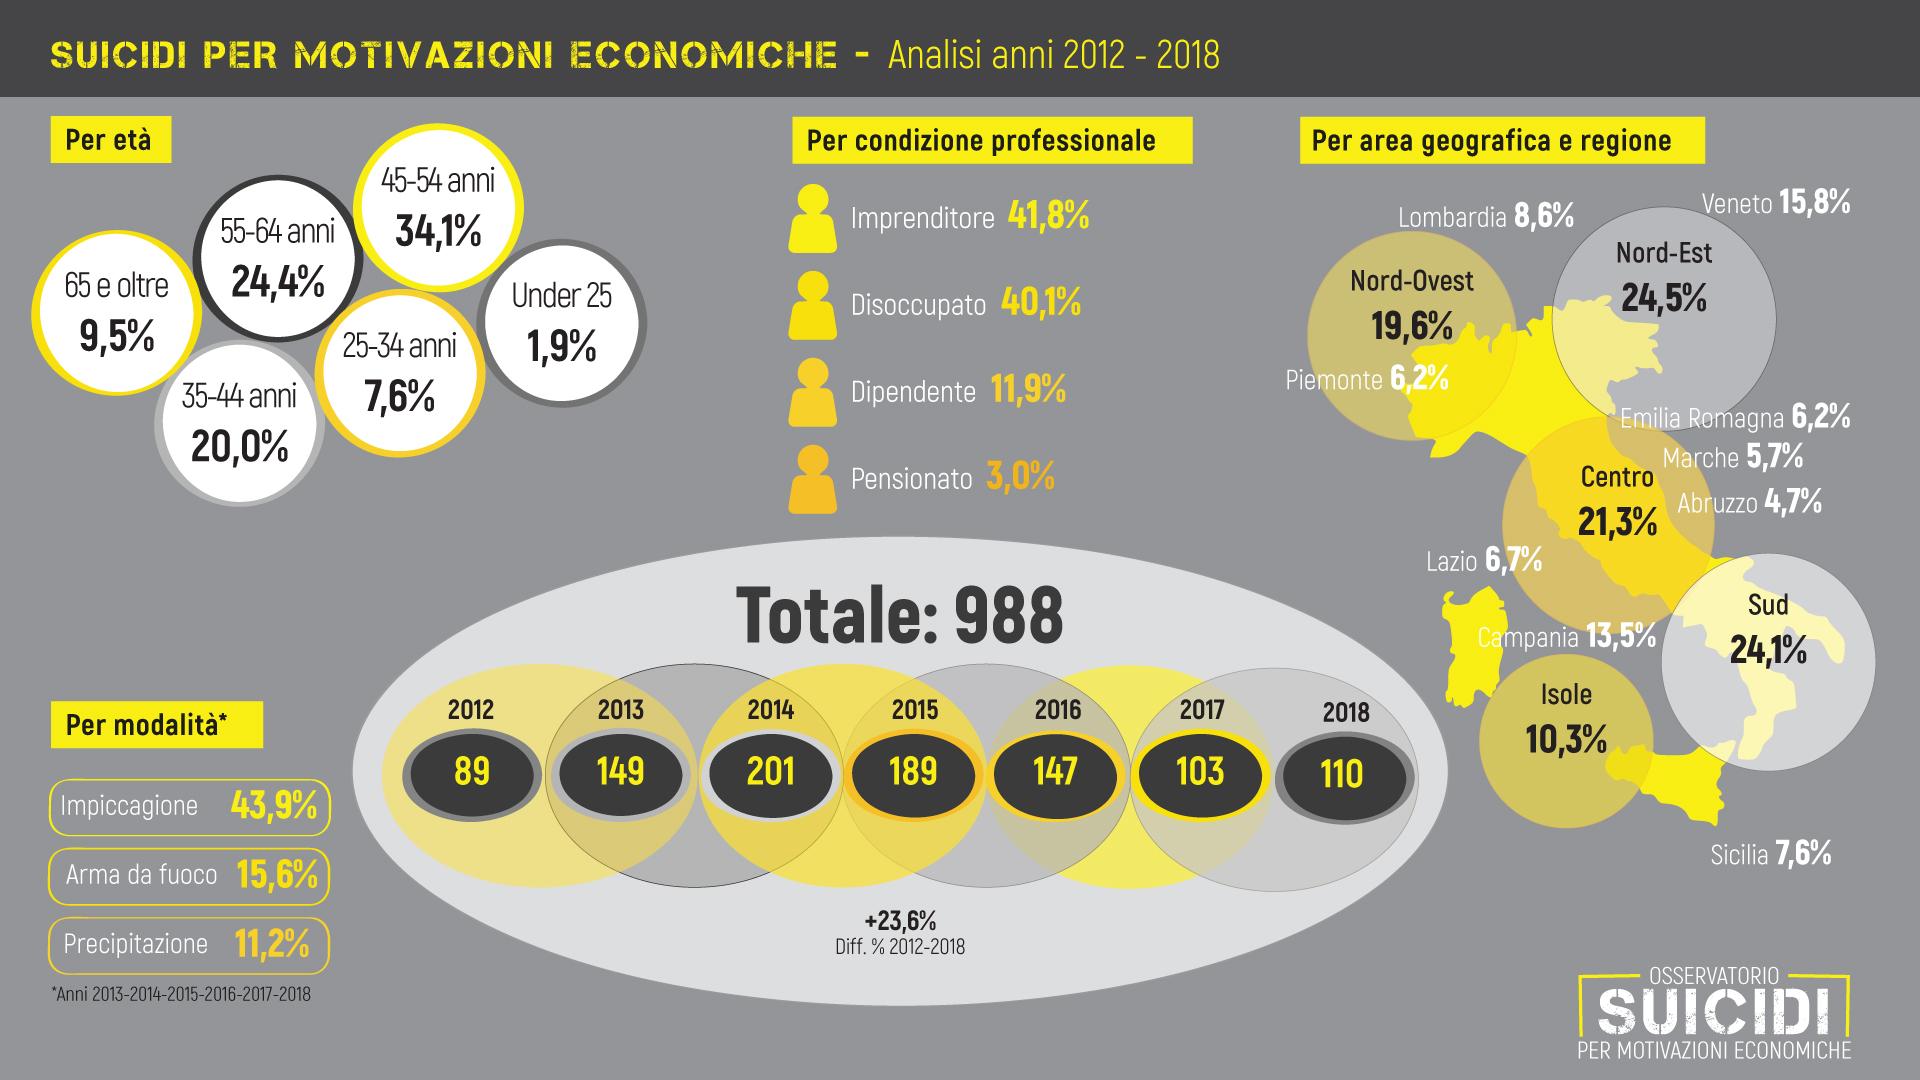 Suicidi-2012-2018